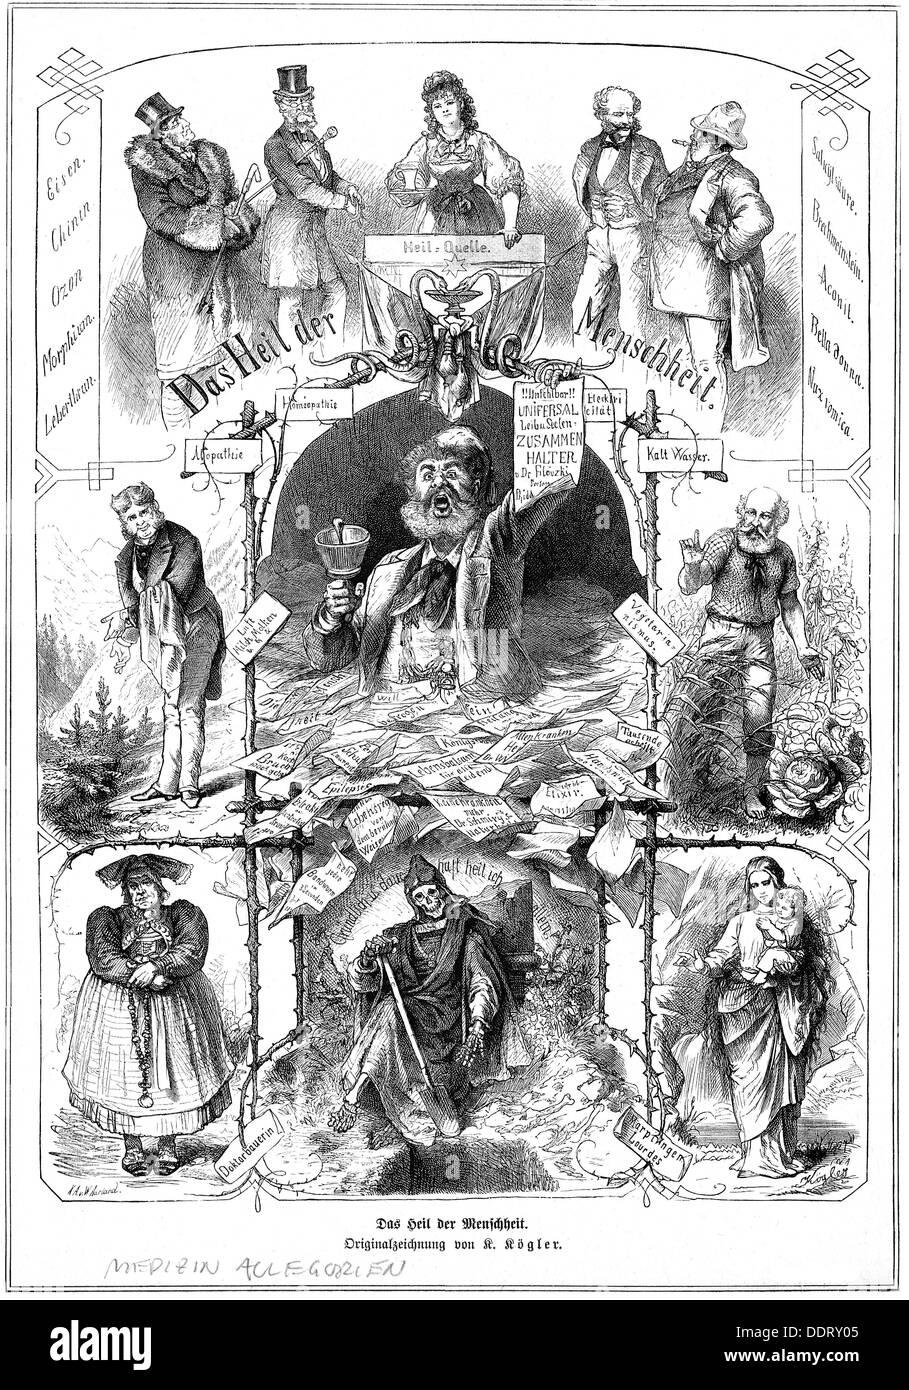 Medicina, allegorie, 'Das Heil der Menschheit' (la salvezza dell'umanità), dopo il disegno di Kaspar Kögler (1823 - 1923), incisione in legno di W.Aarland, da: 'Die Gartenlaube', Lipsia, 1878, diritti aggiuntivi-clearences-non disponibile Foto Stock